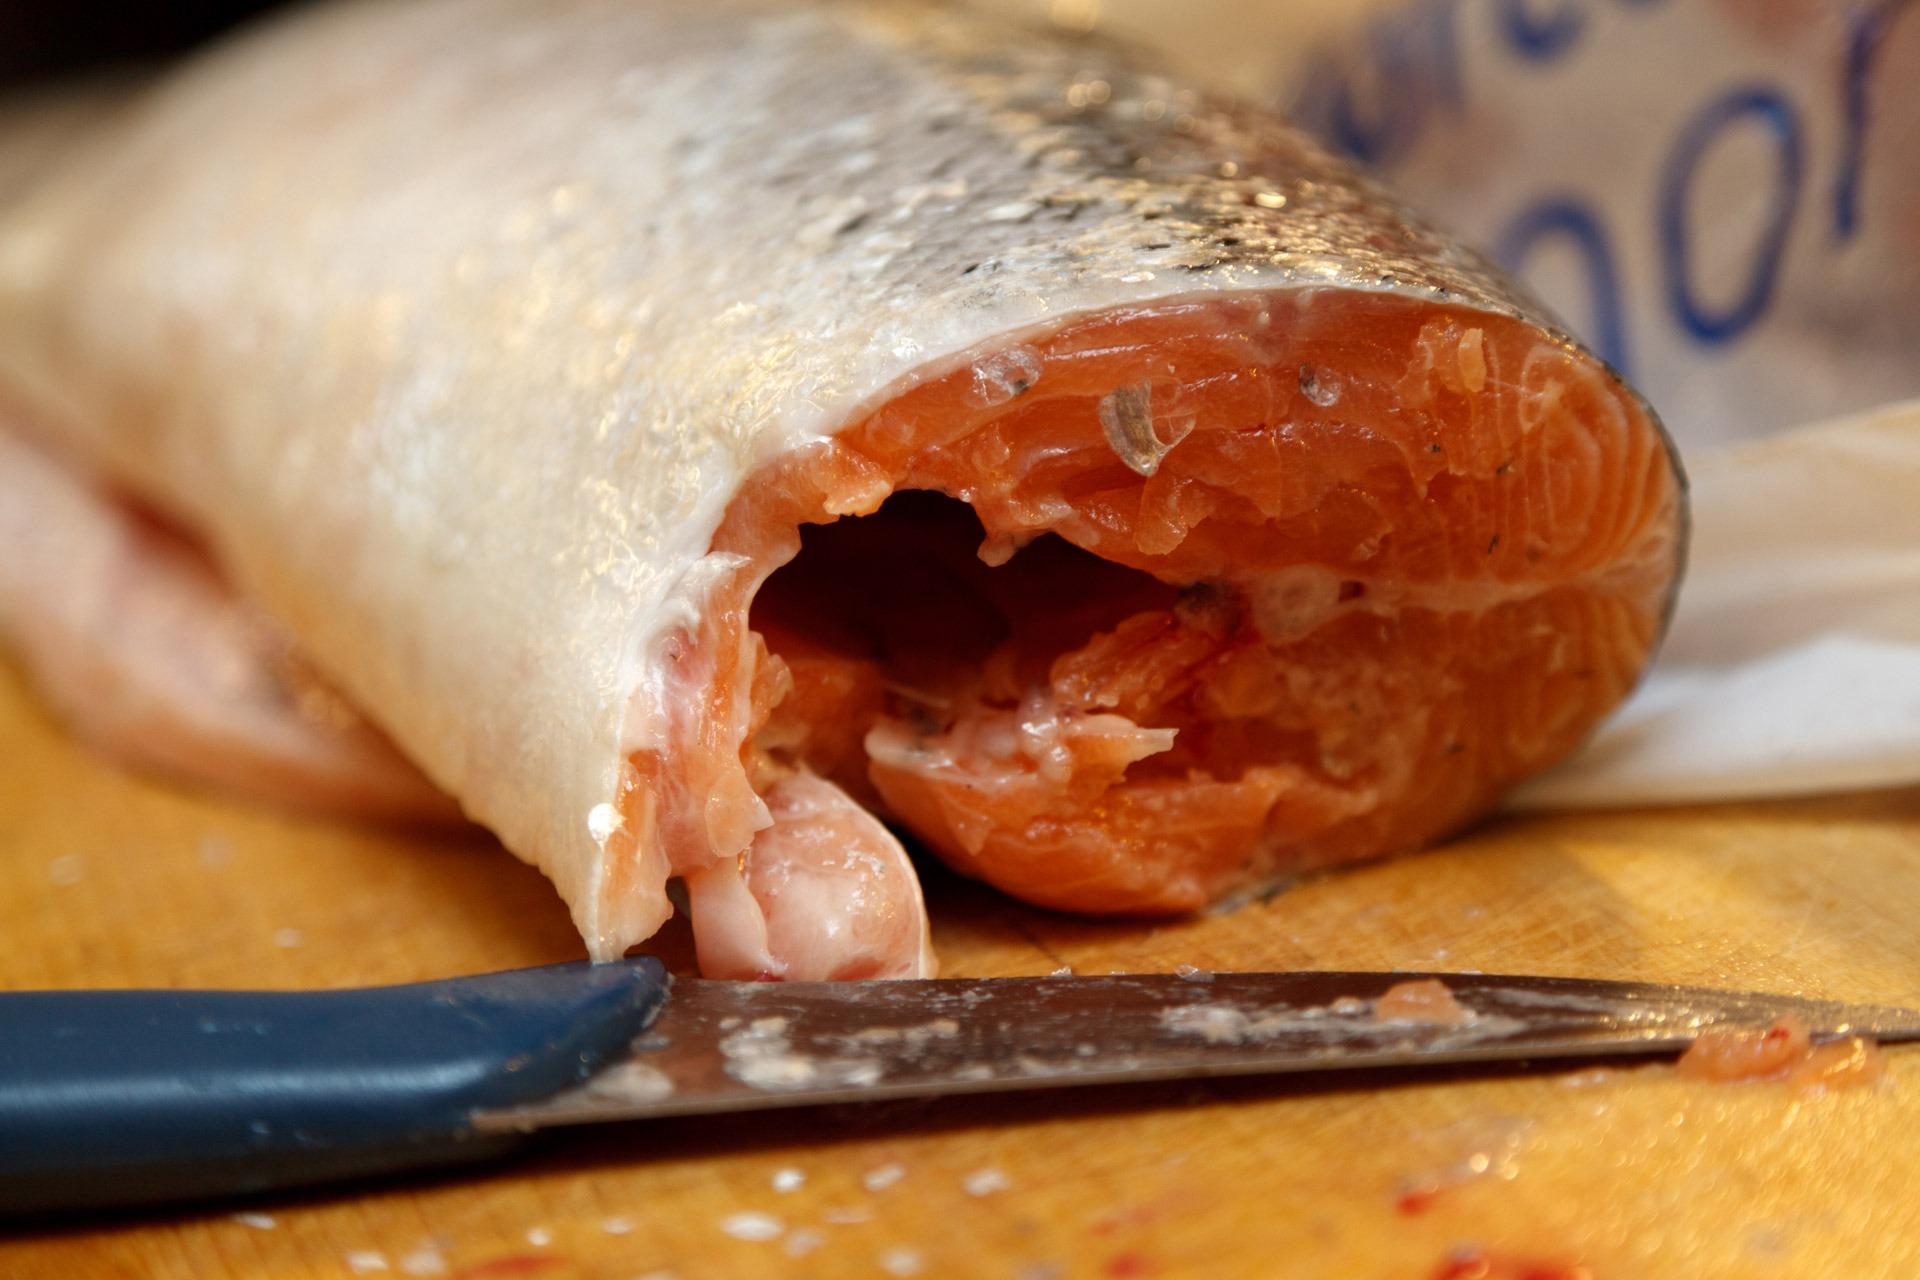 Um an das Fisch Filet zu kommen, muss erst der Kopf des Fisches hinter den Kiemen abgetrennt werden